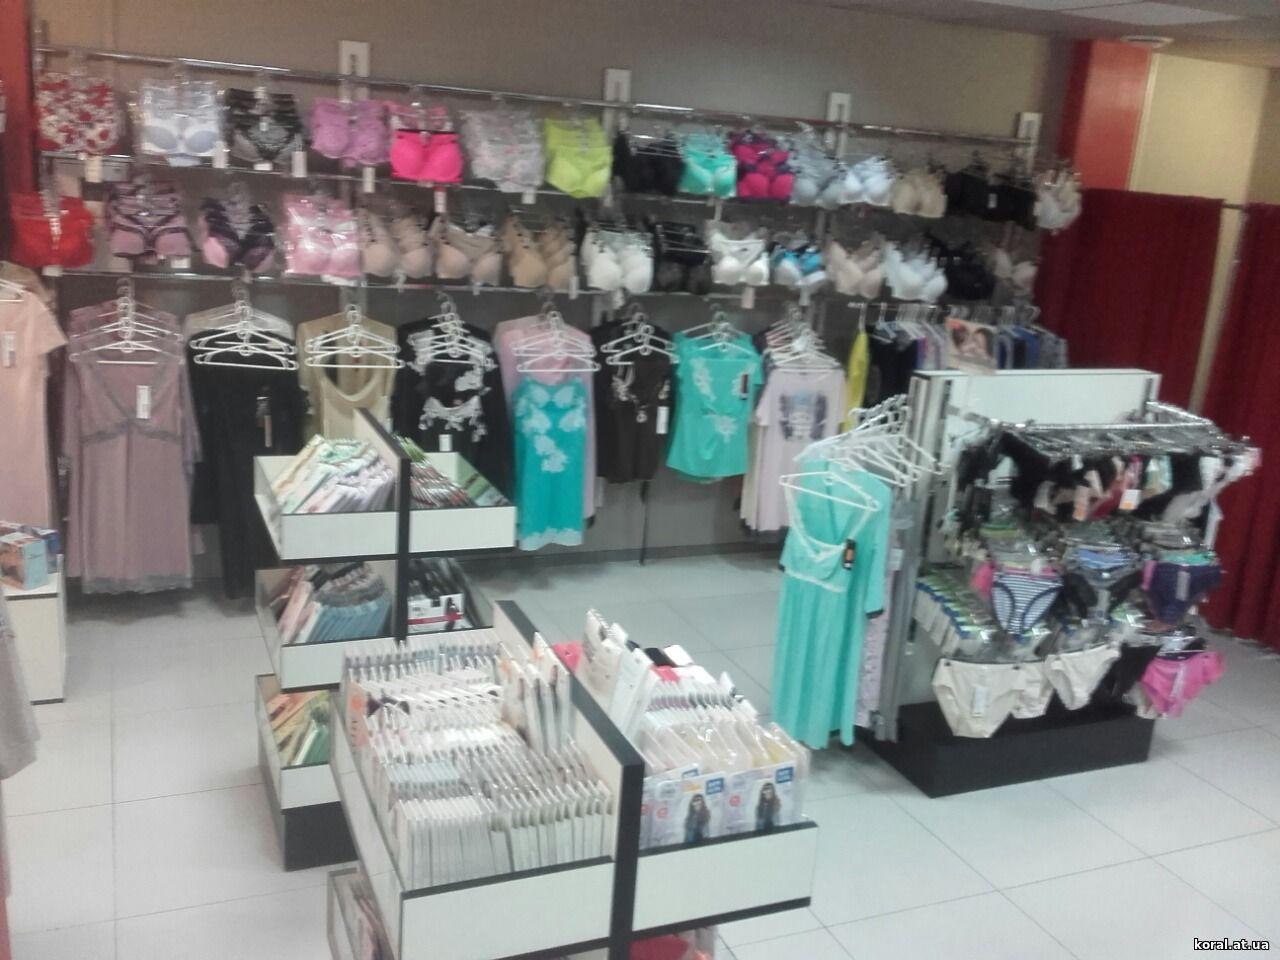 Искушение магазин женского белья вакуумный упаковщик hualian dz 280p